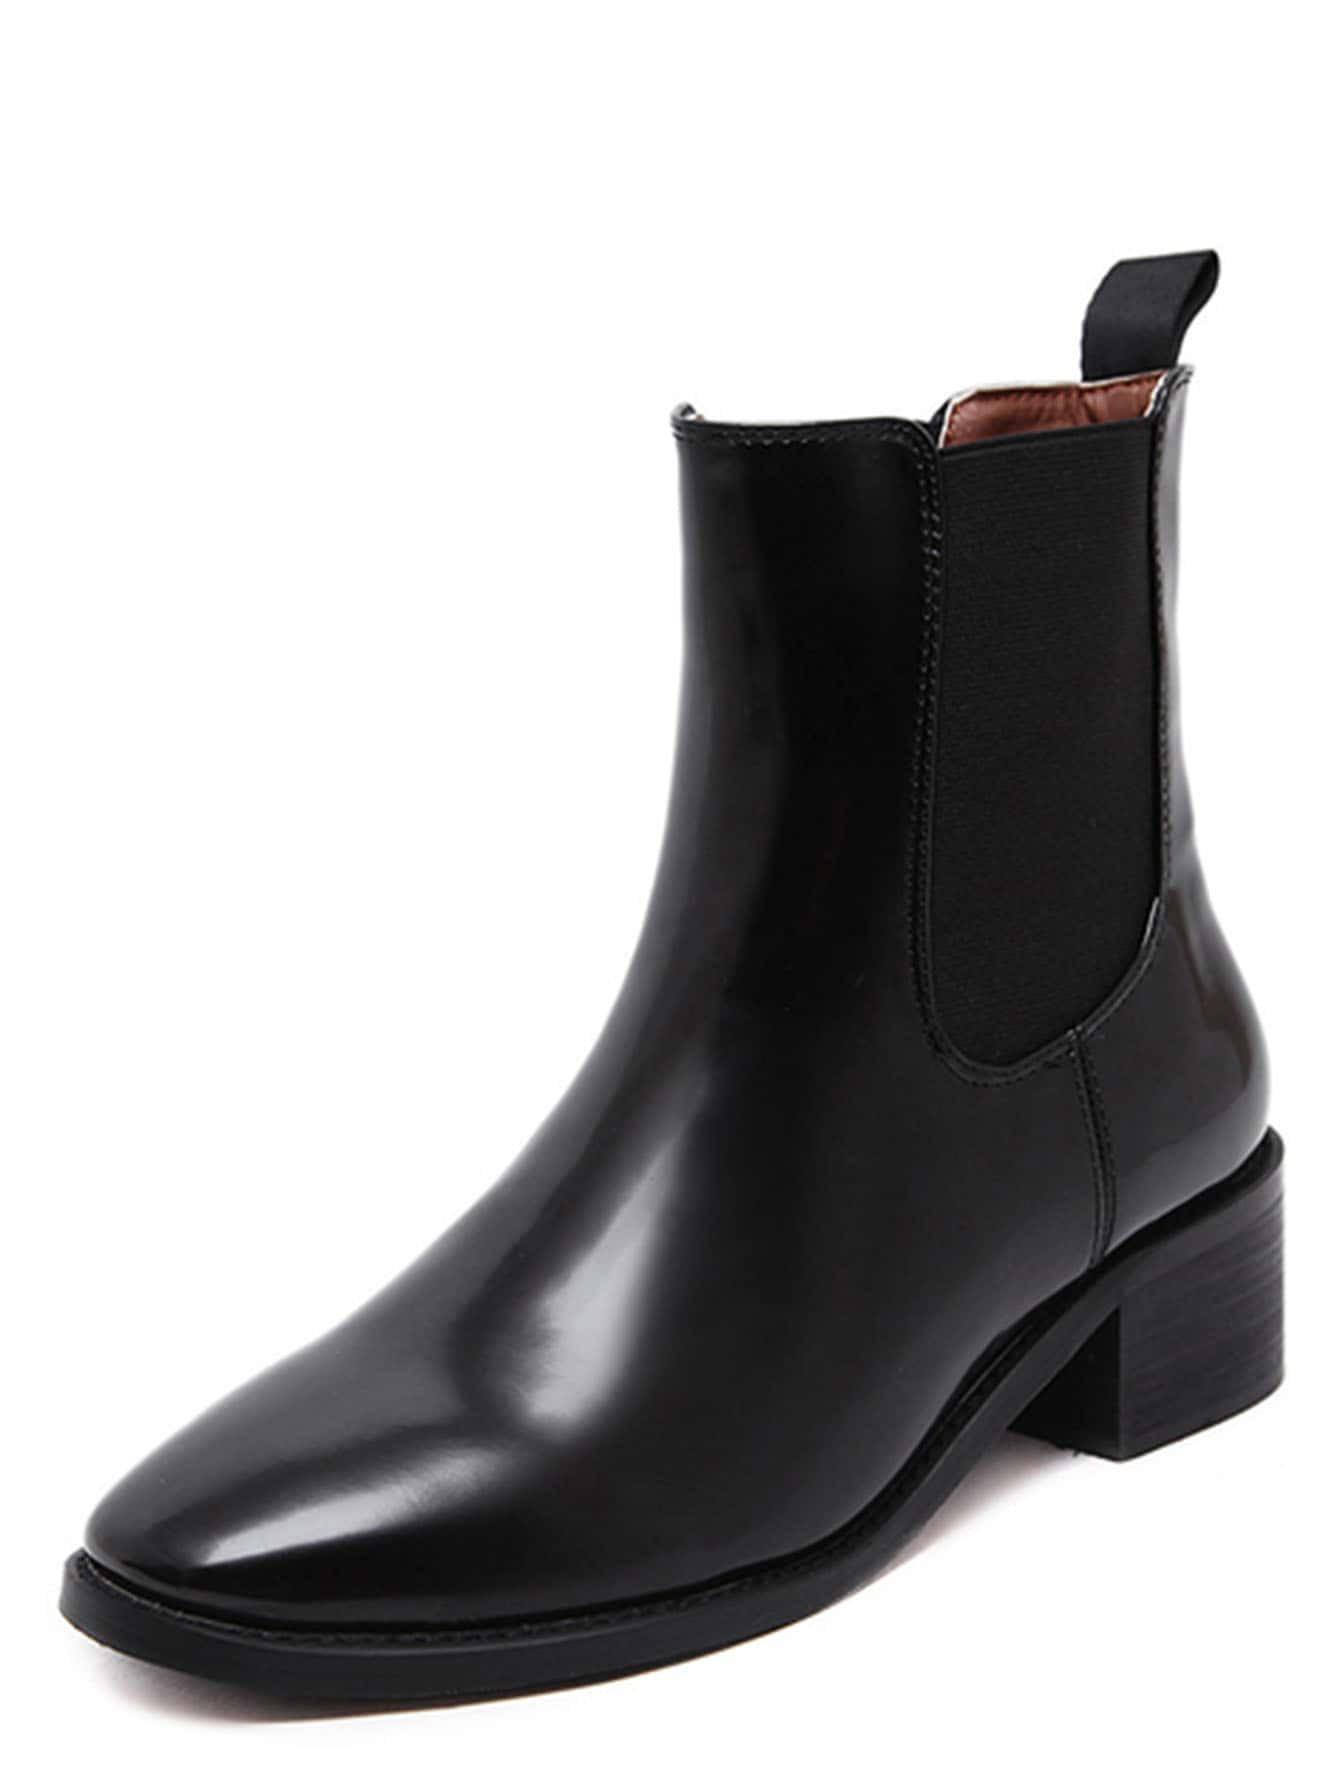 shoes160909805_2